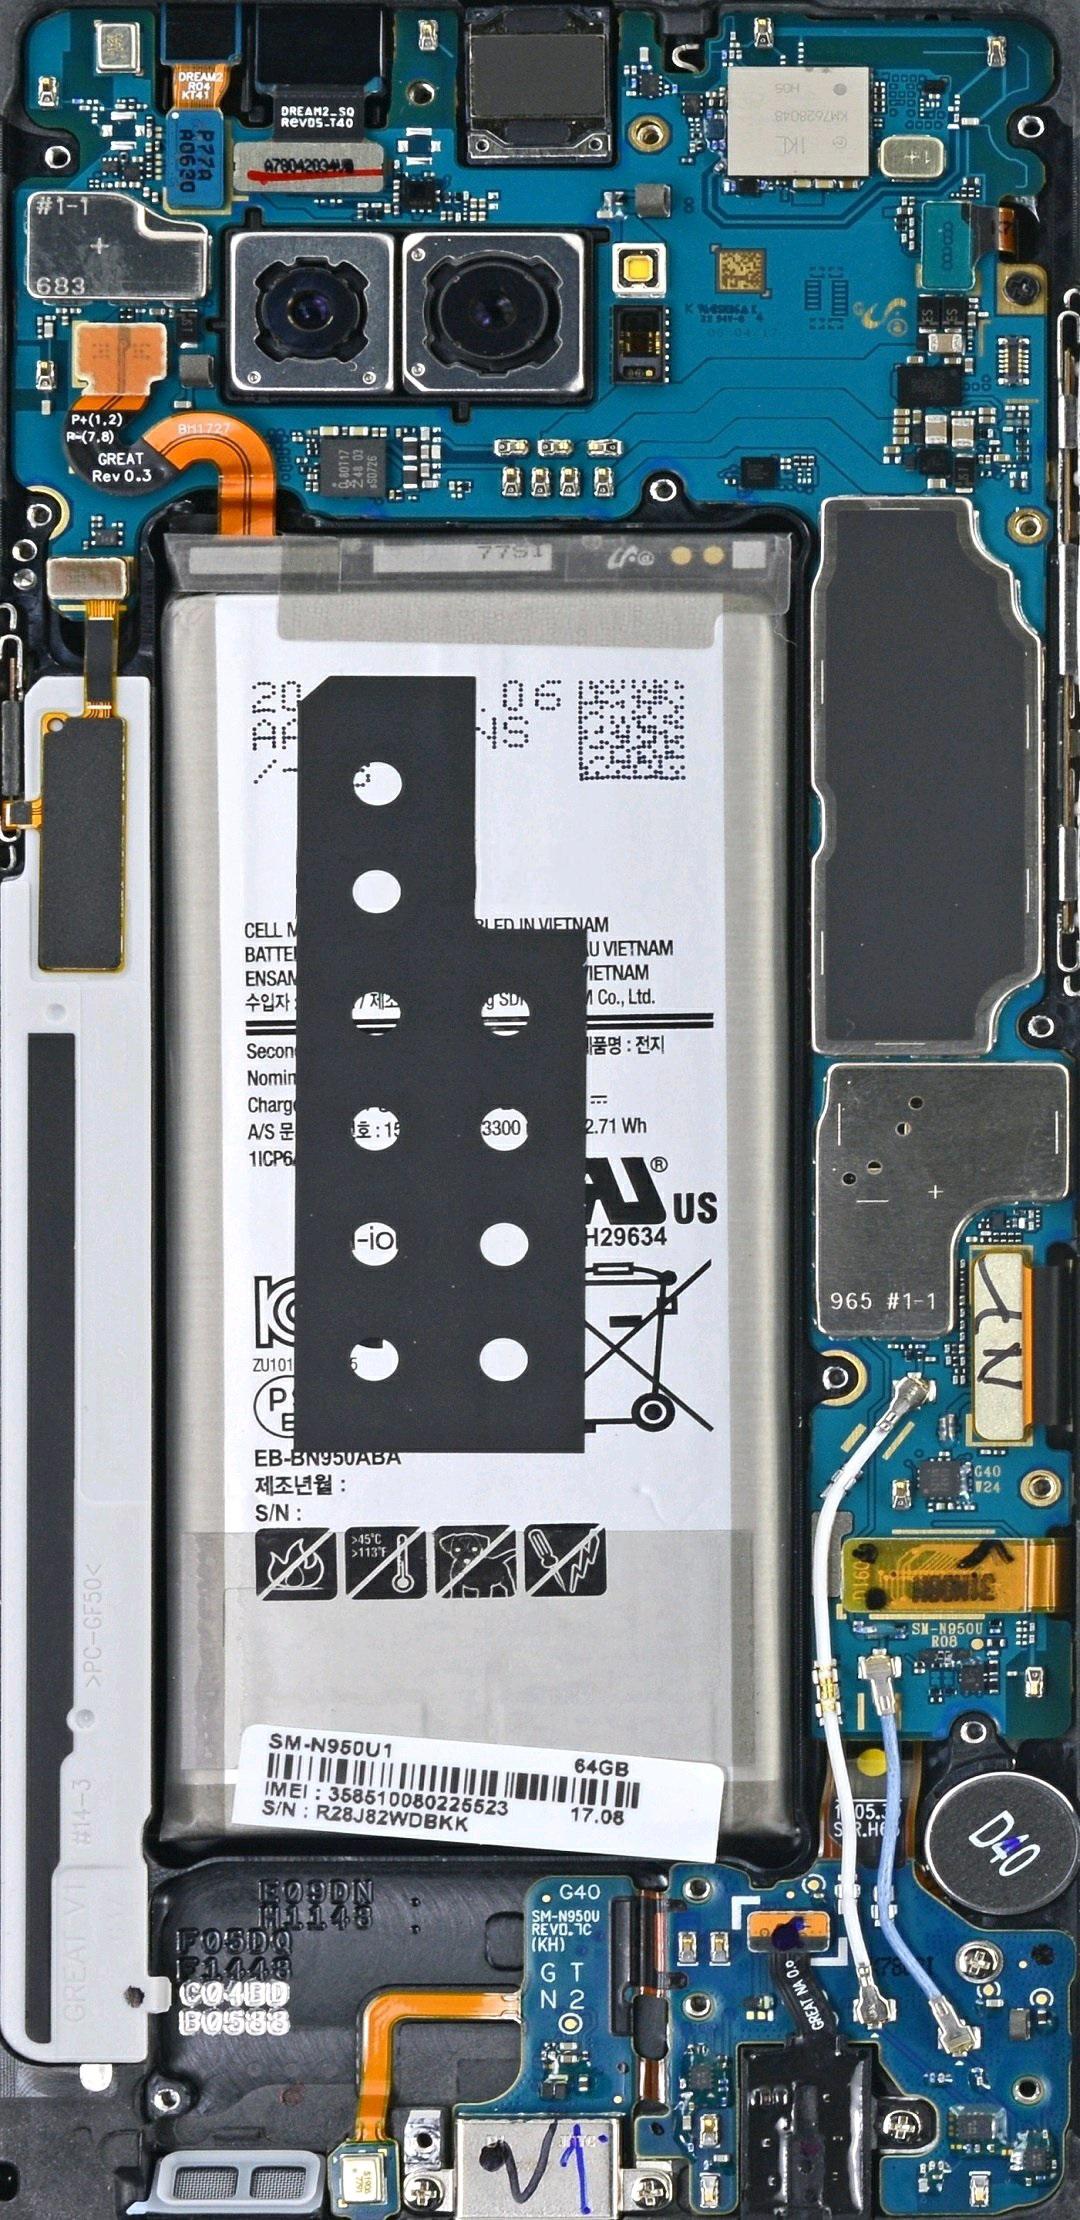 【v粉壁纸】手机电路板壁纸【8p】